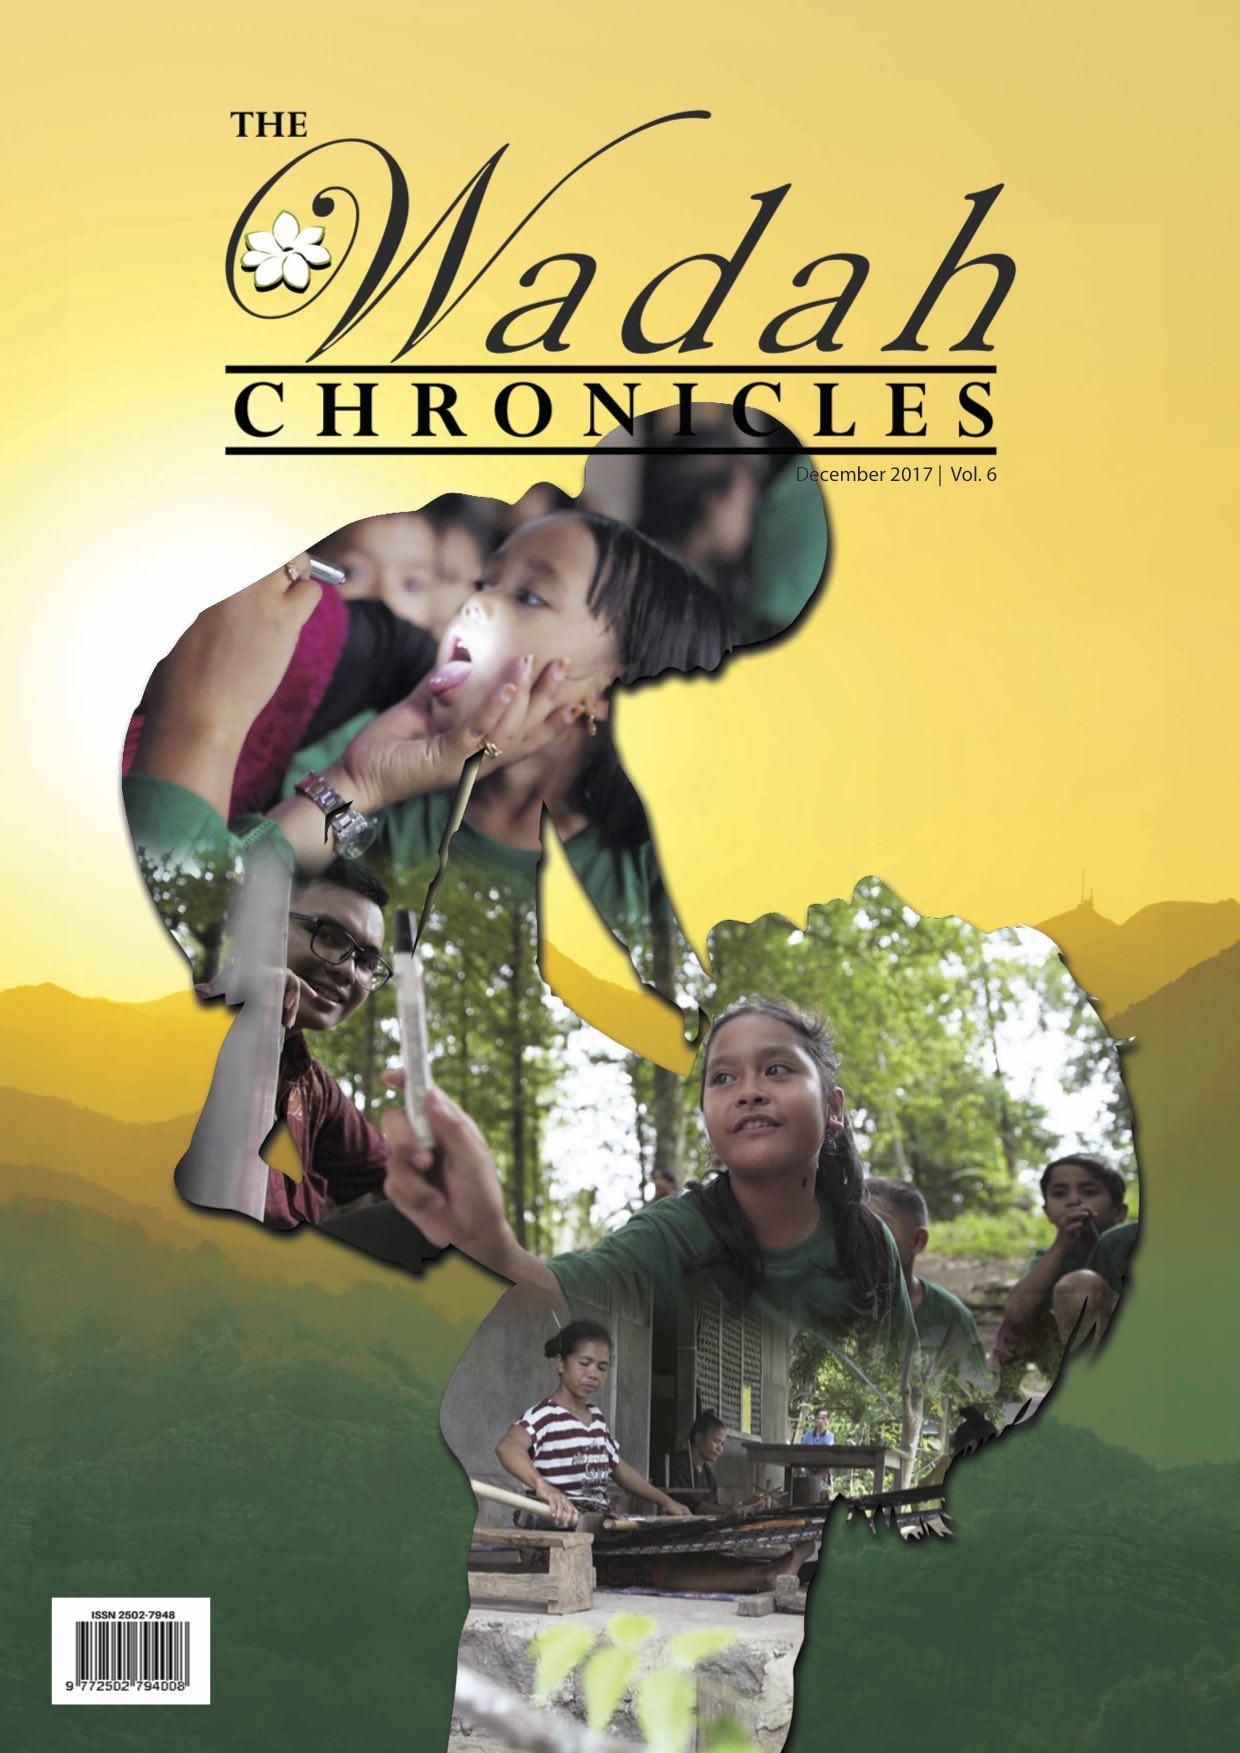 Wadah Chronicles - December 2017